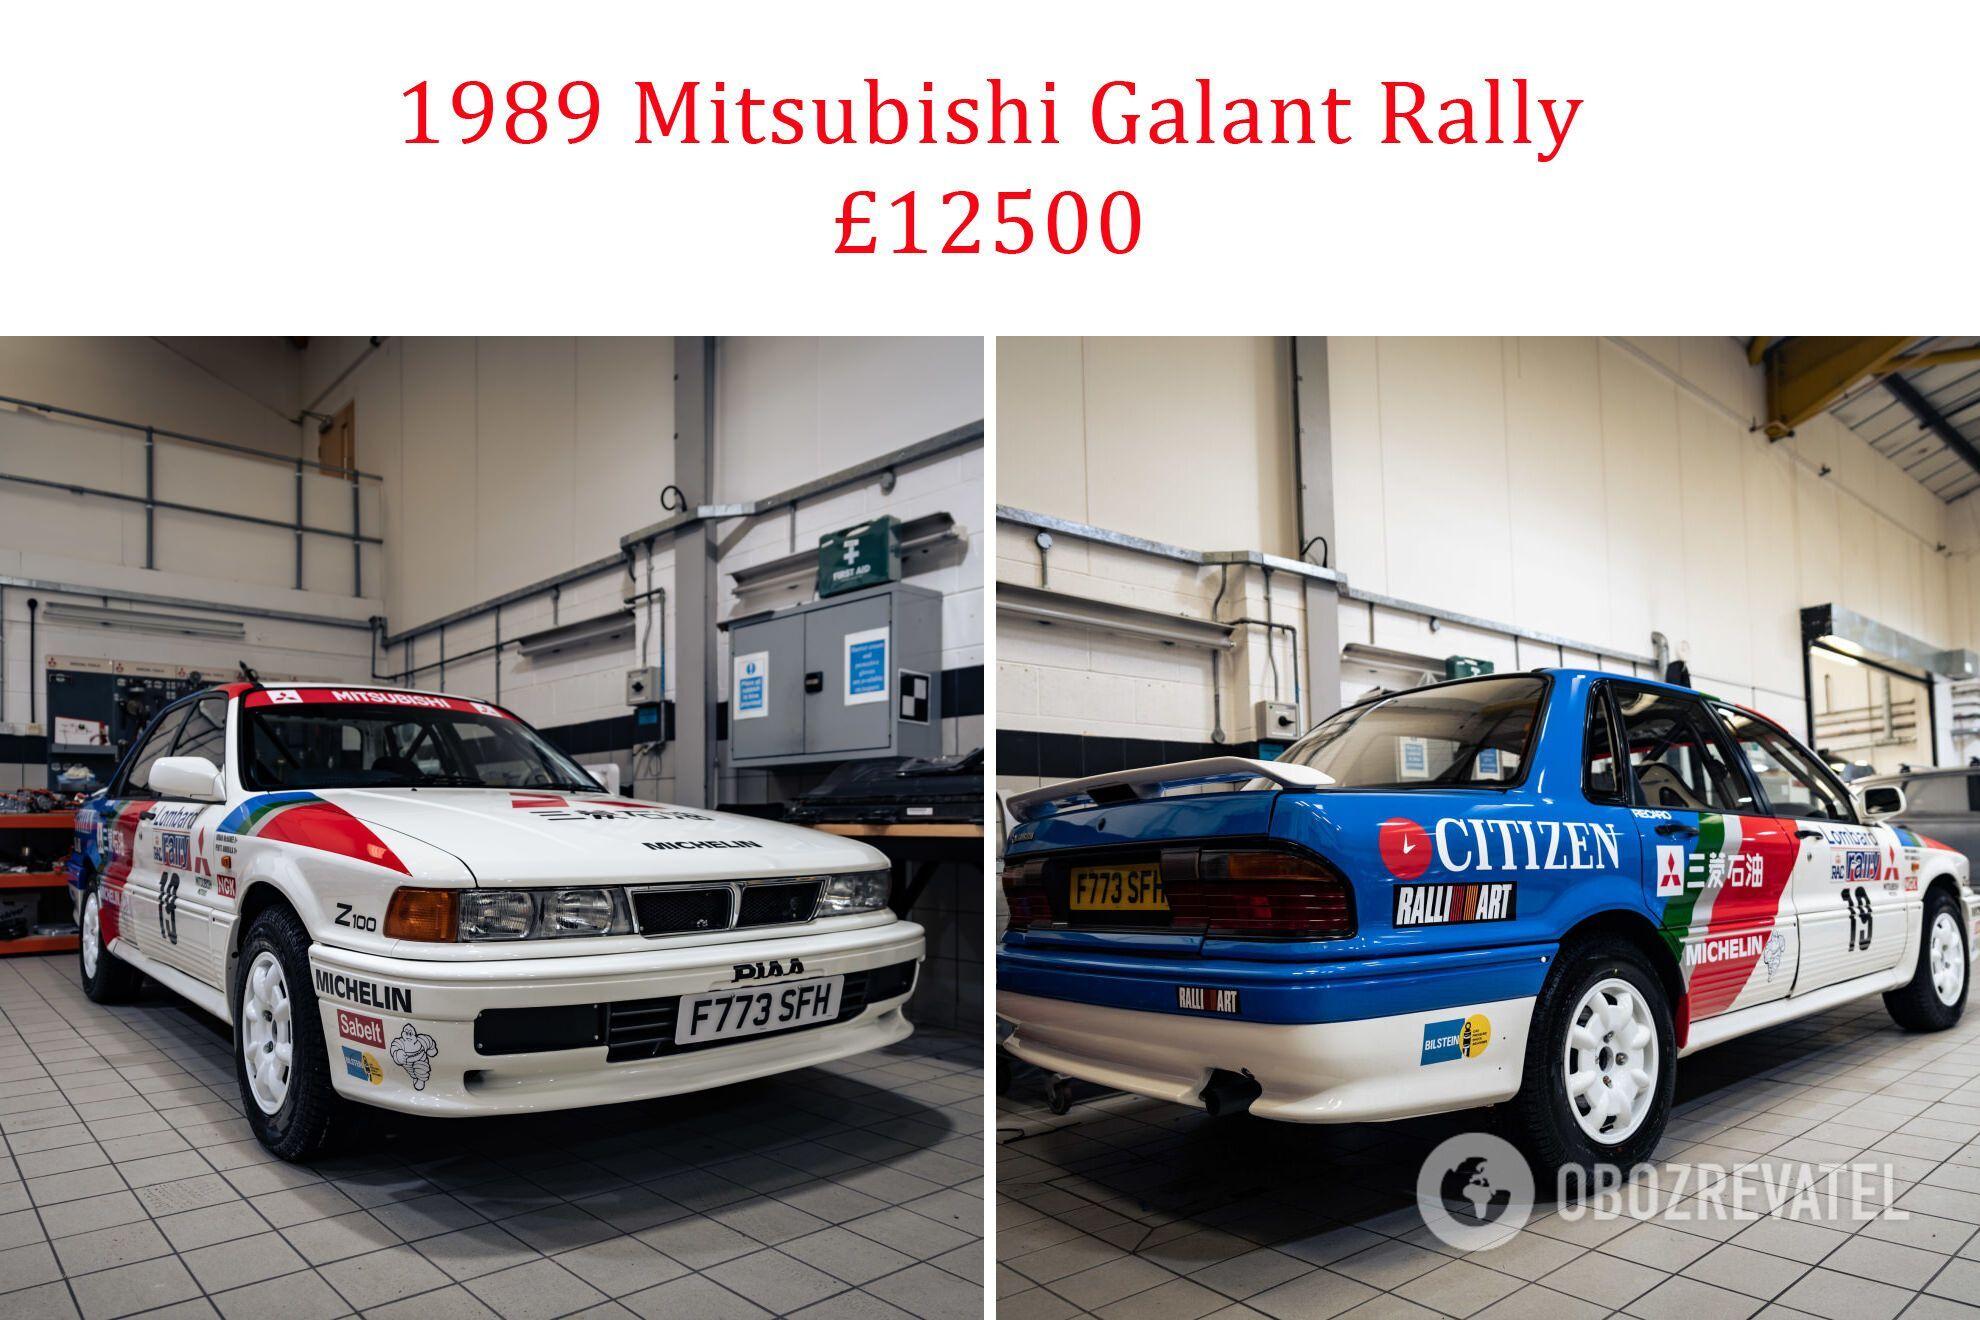 1989 Mitsubishi Galant 2.0 GLSi